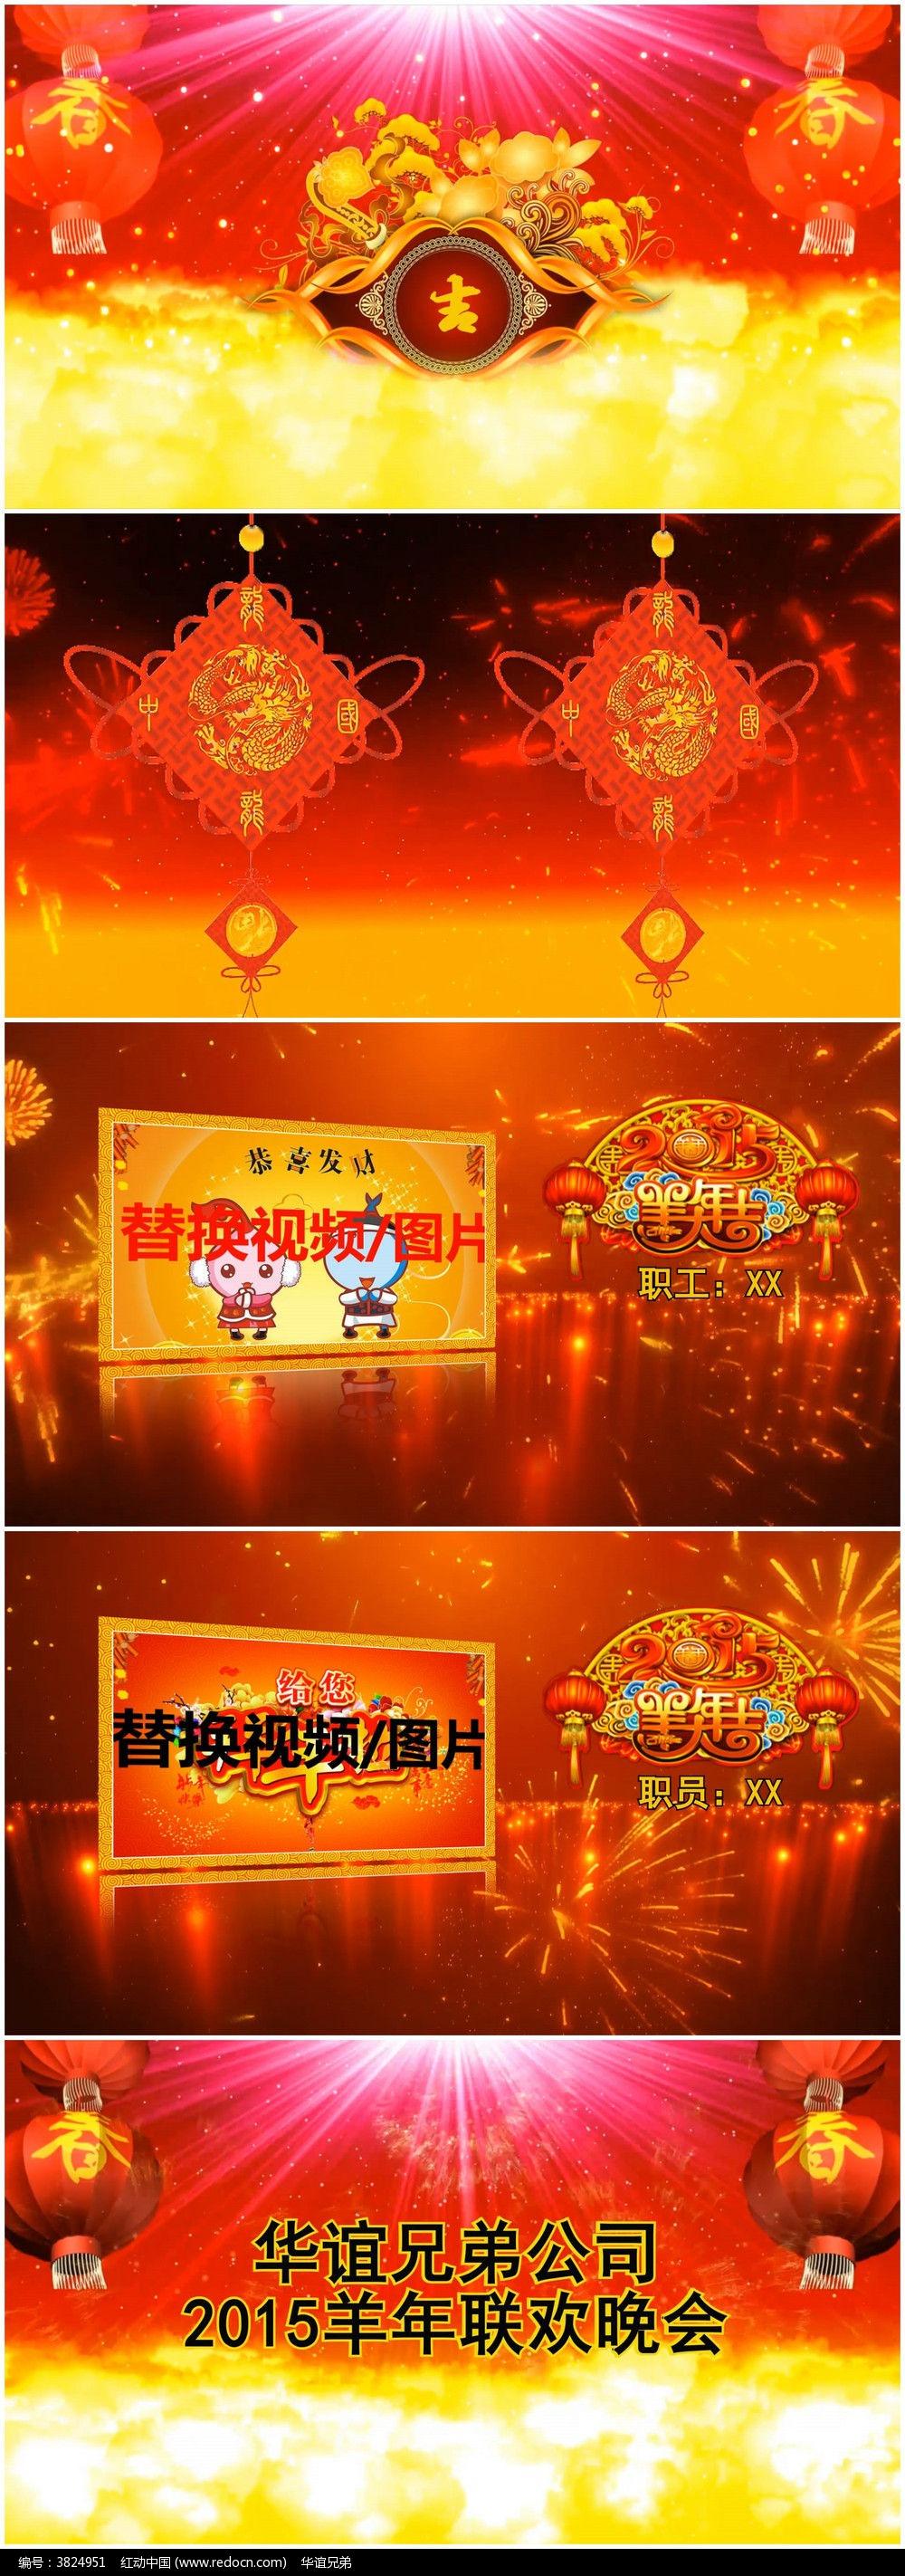 2015羊年元宵节片头AE模板图片